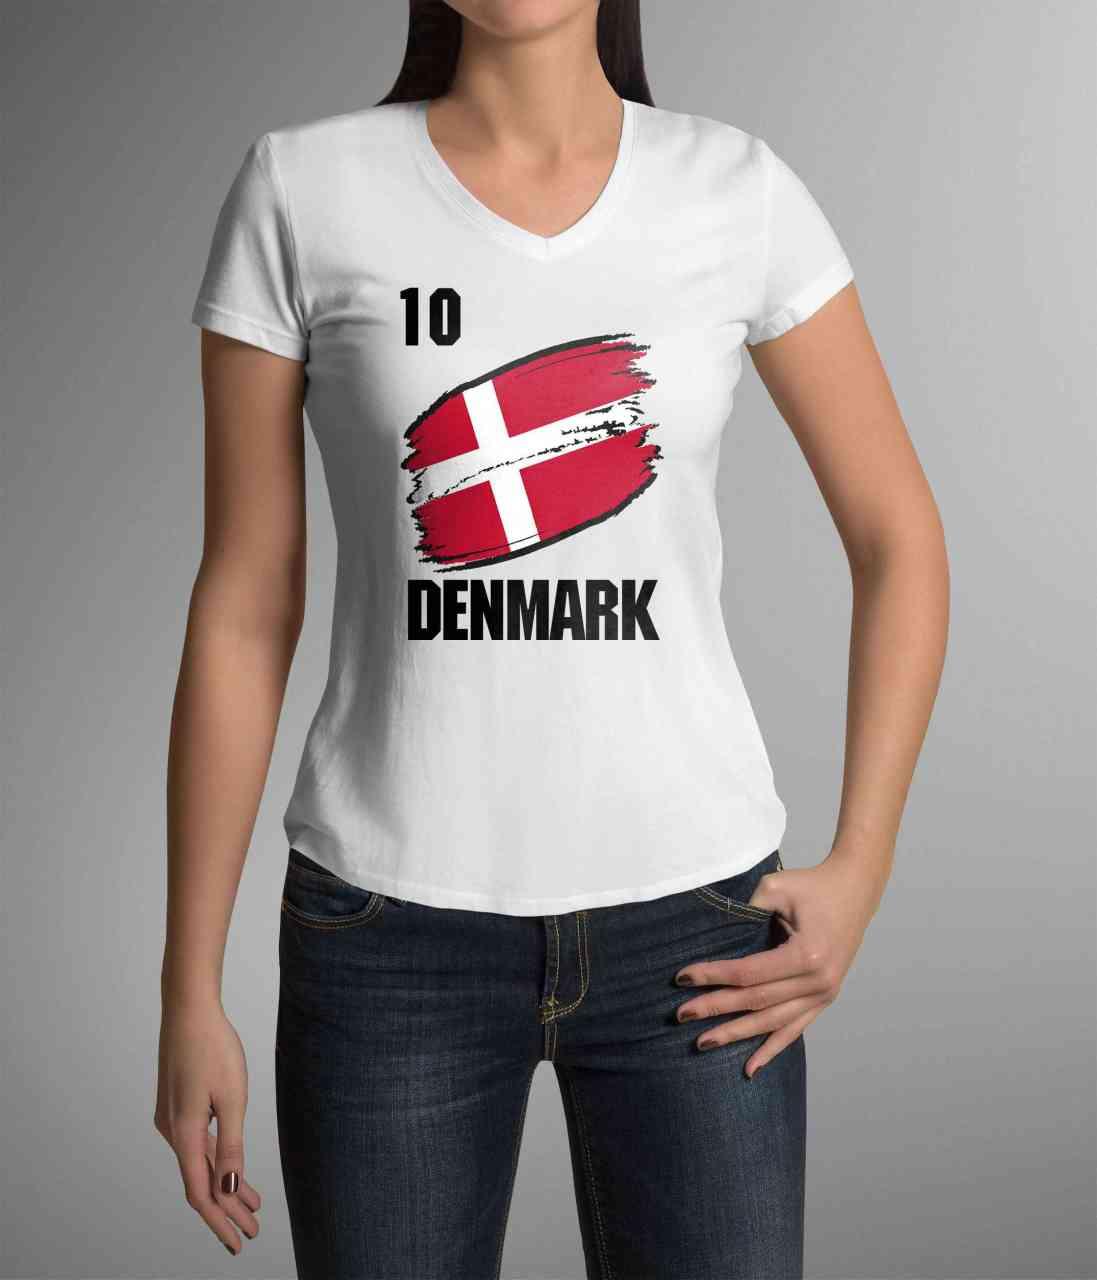 Denmark | Dänemark | Männer oder Frauen Trikot T - Shirt mit Wunsch Nummer + Wunsch Name | WM 2018